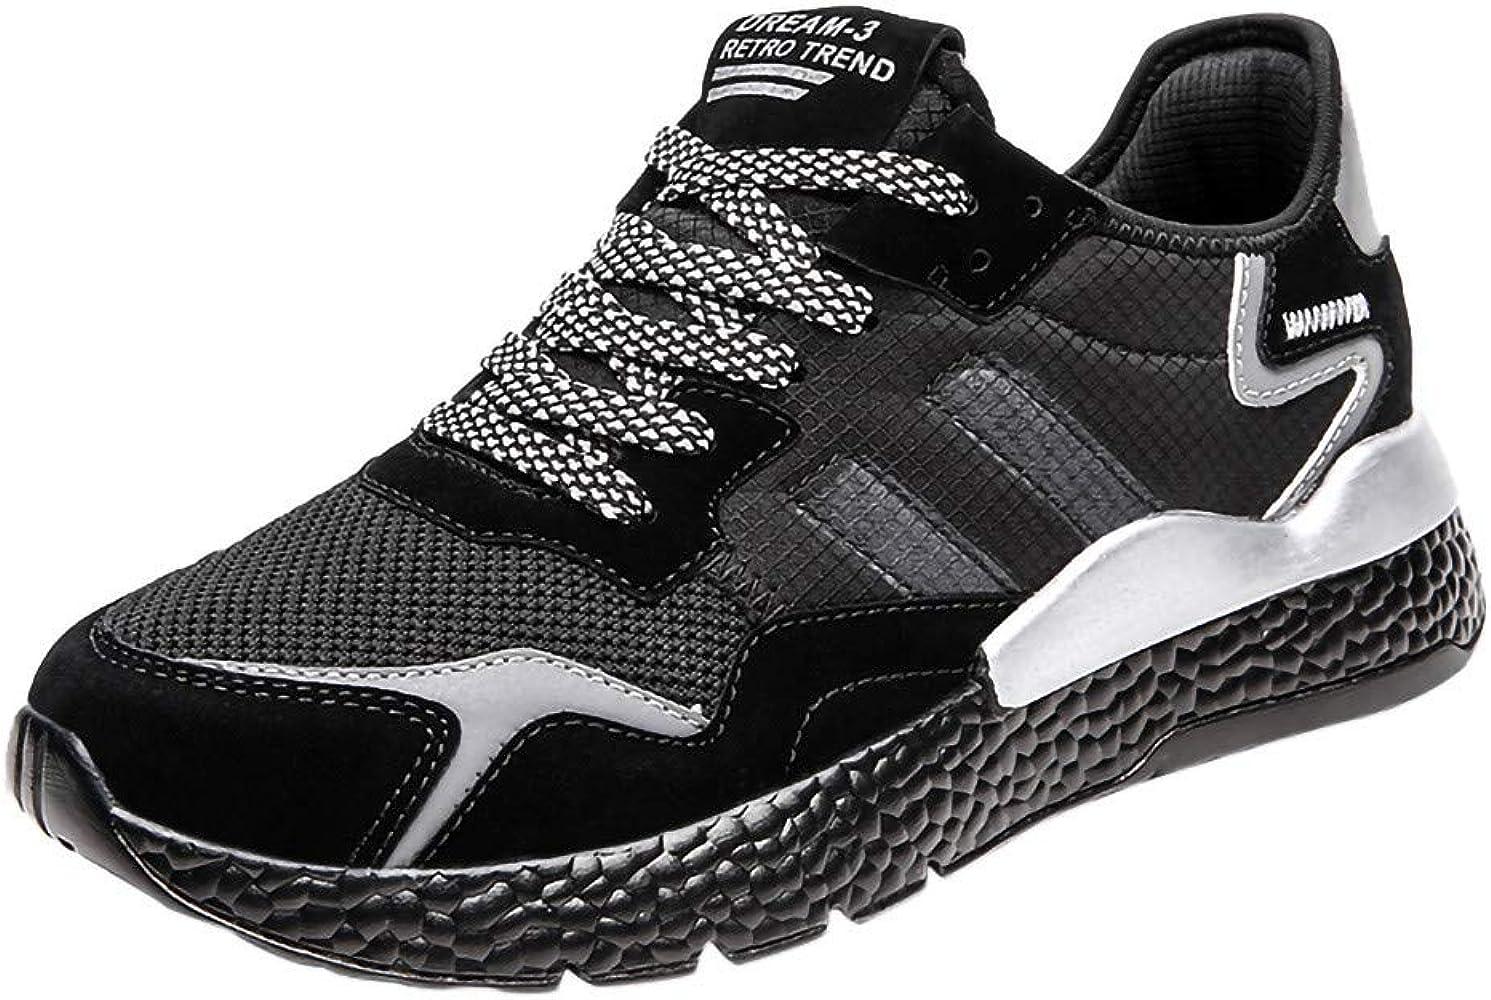 Darringls Zapatillas Deportivas para Correr Usar Zapatillas de Deporte de Color sólido para Hombres Atlético Corriendo Respirable Deportes Zapatos Moda Casual Al Aire Libre 39-46: Amazon.es: Ropa y accesorios